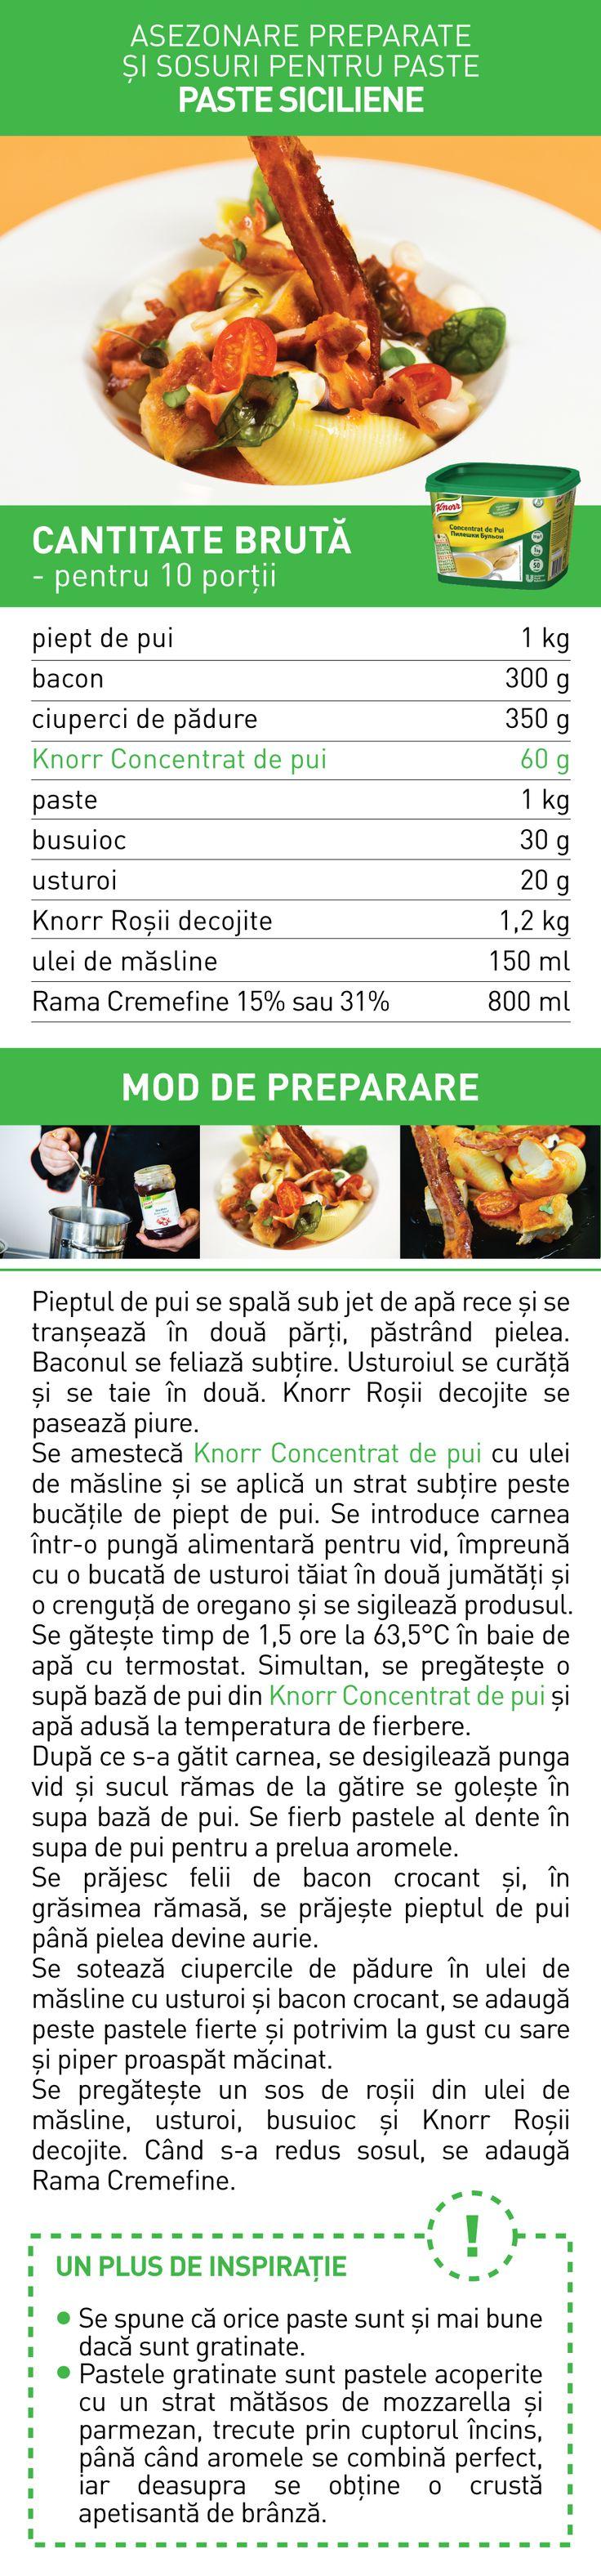 Asezonare preparate si sosuri pentru paste (III) - RETETE